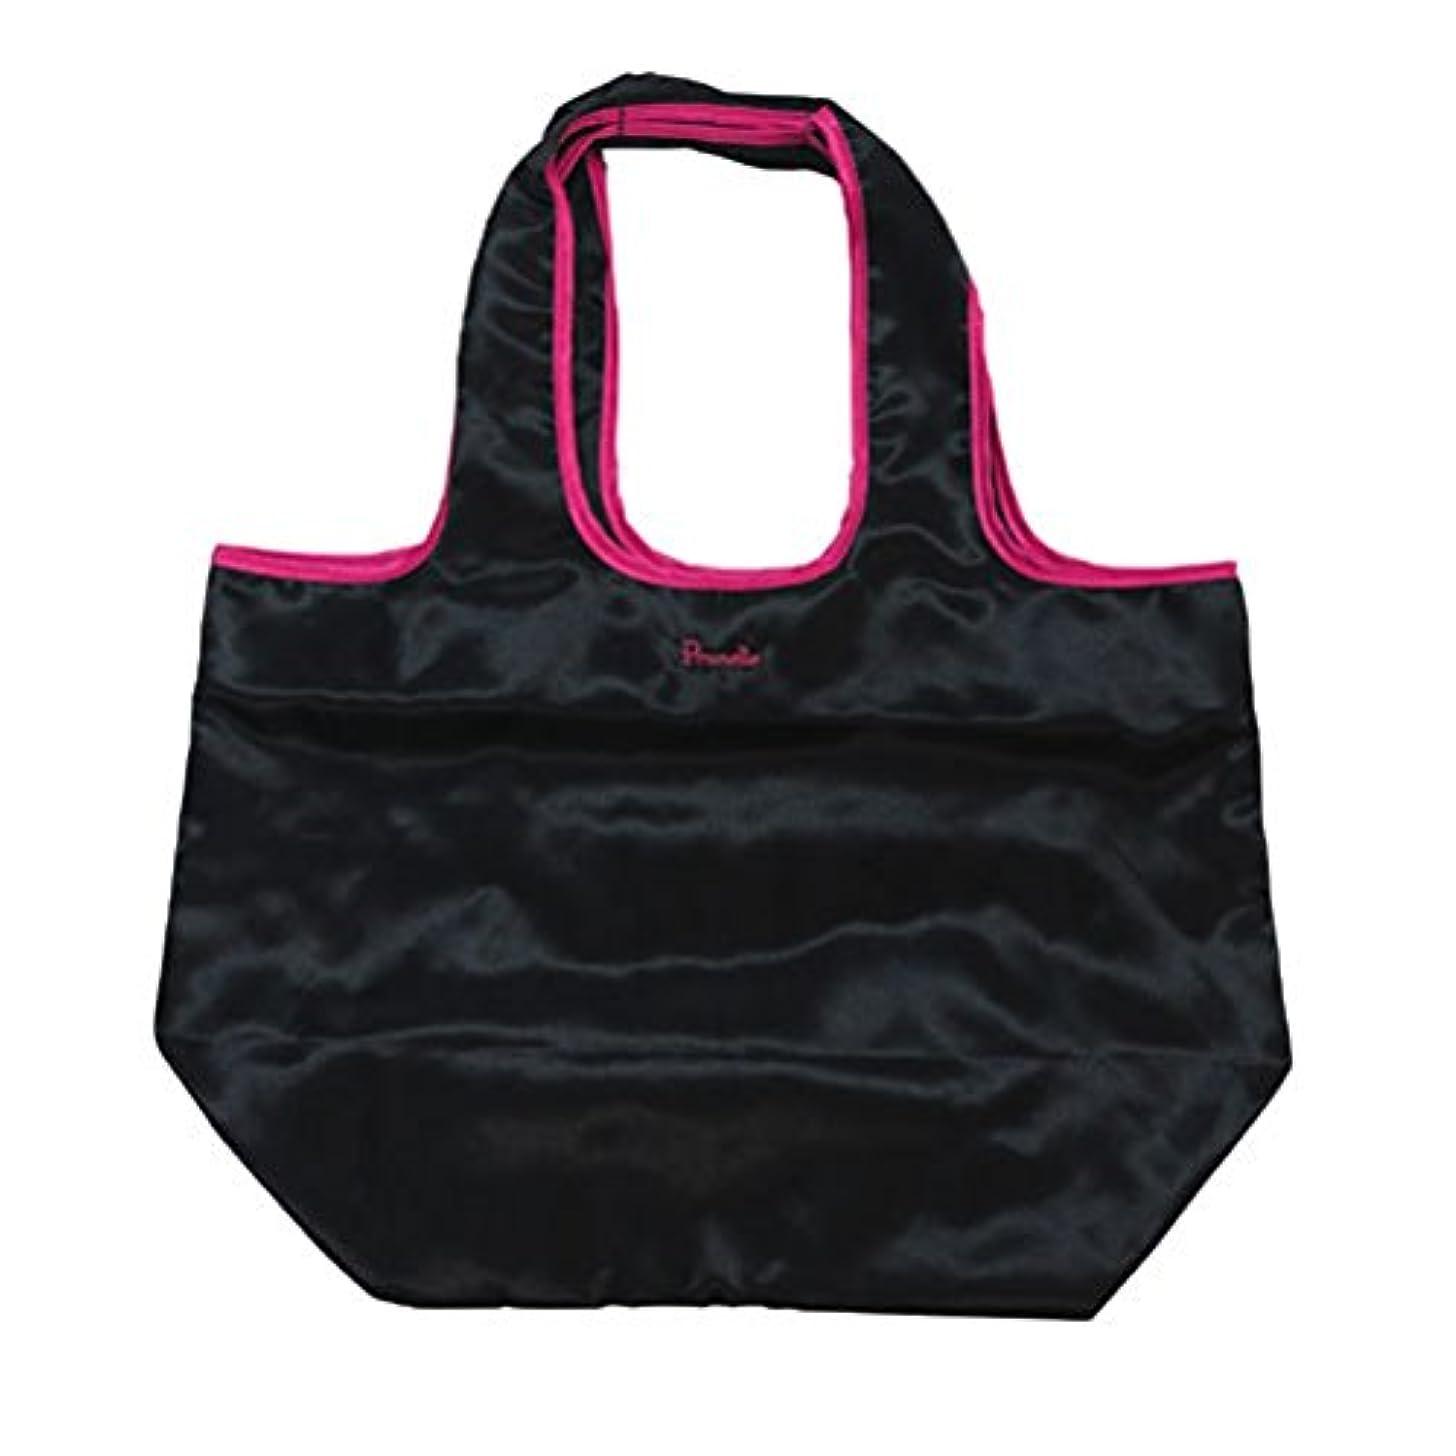 浴飛ぶフレームワークPrunelle ネイリスト軽量バッグ